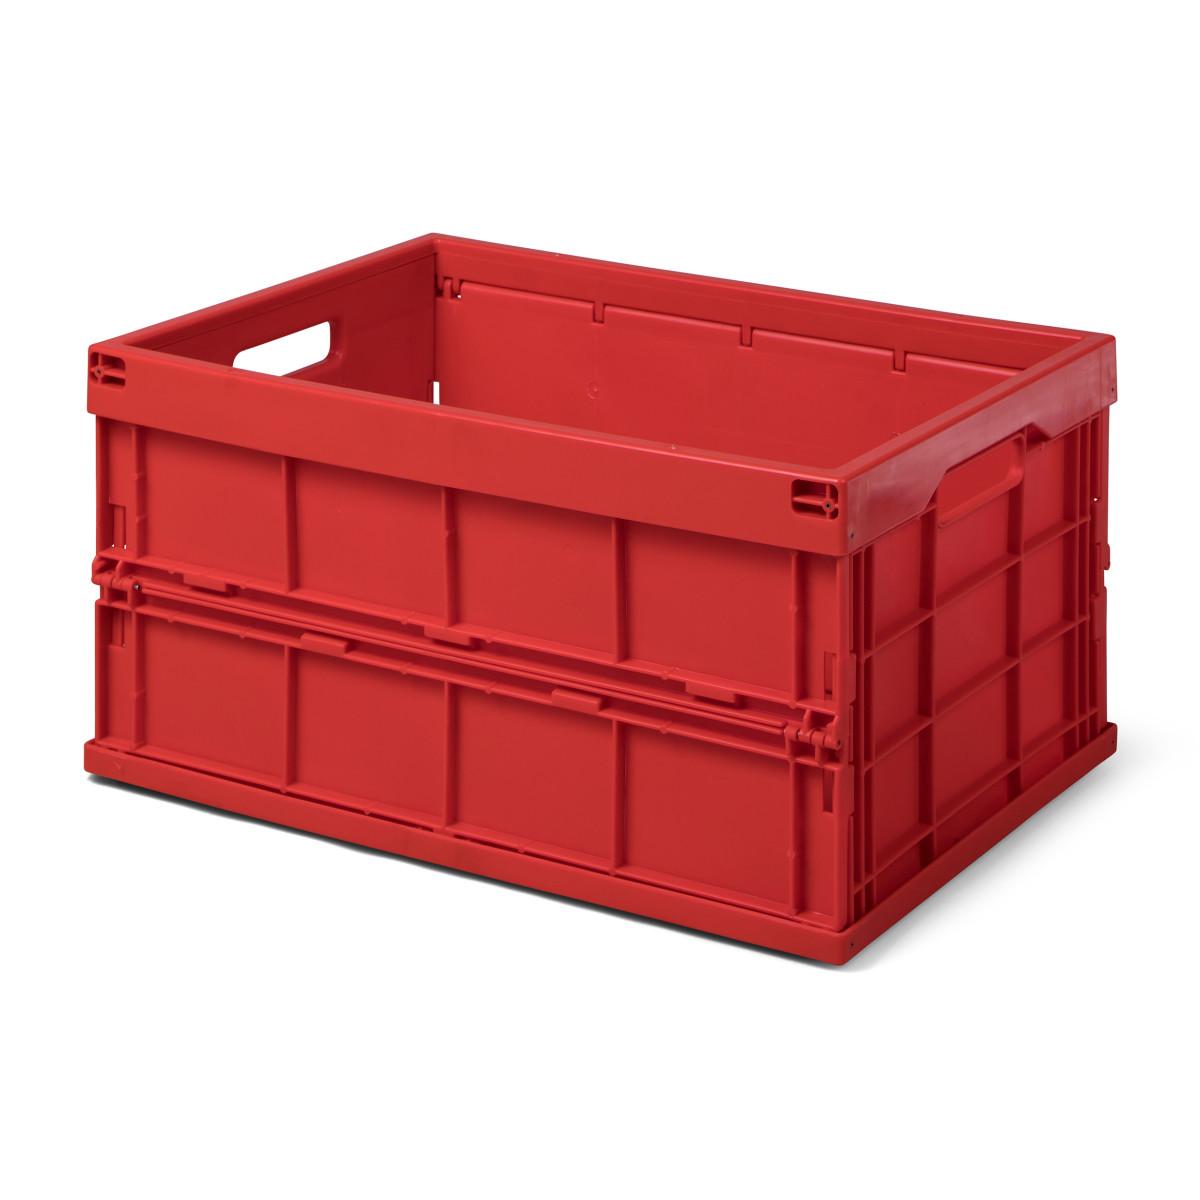 klappbox fb 530 275 0 530x350x275 mm lxbxh 40 liter mit rippenbo 26 53